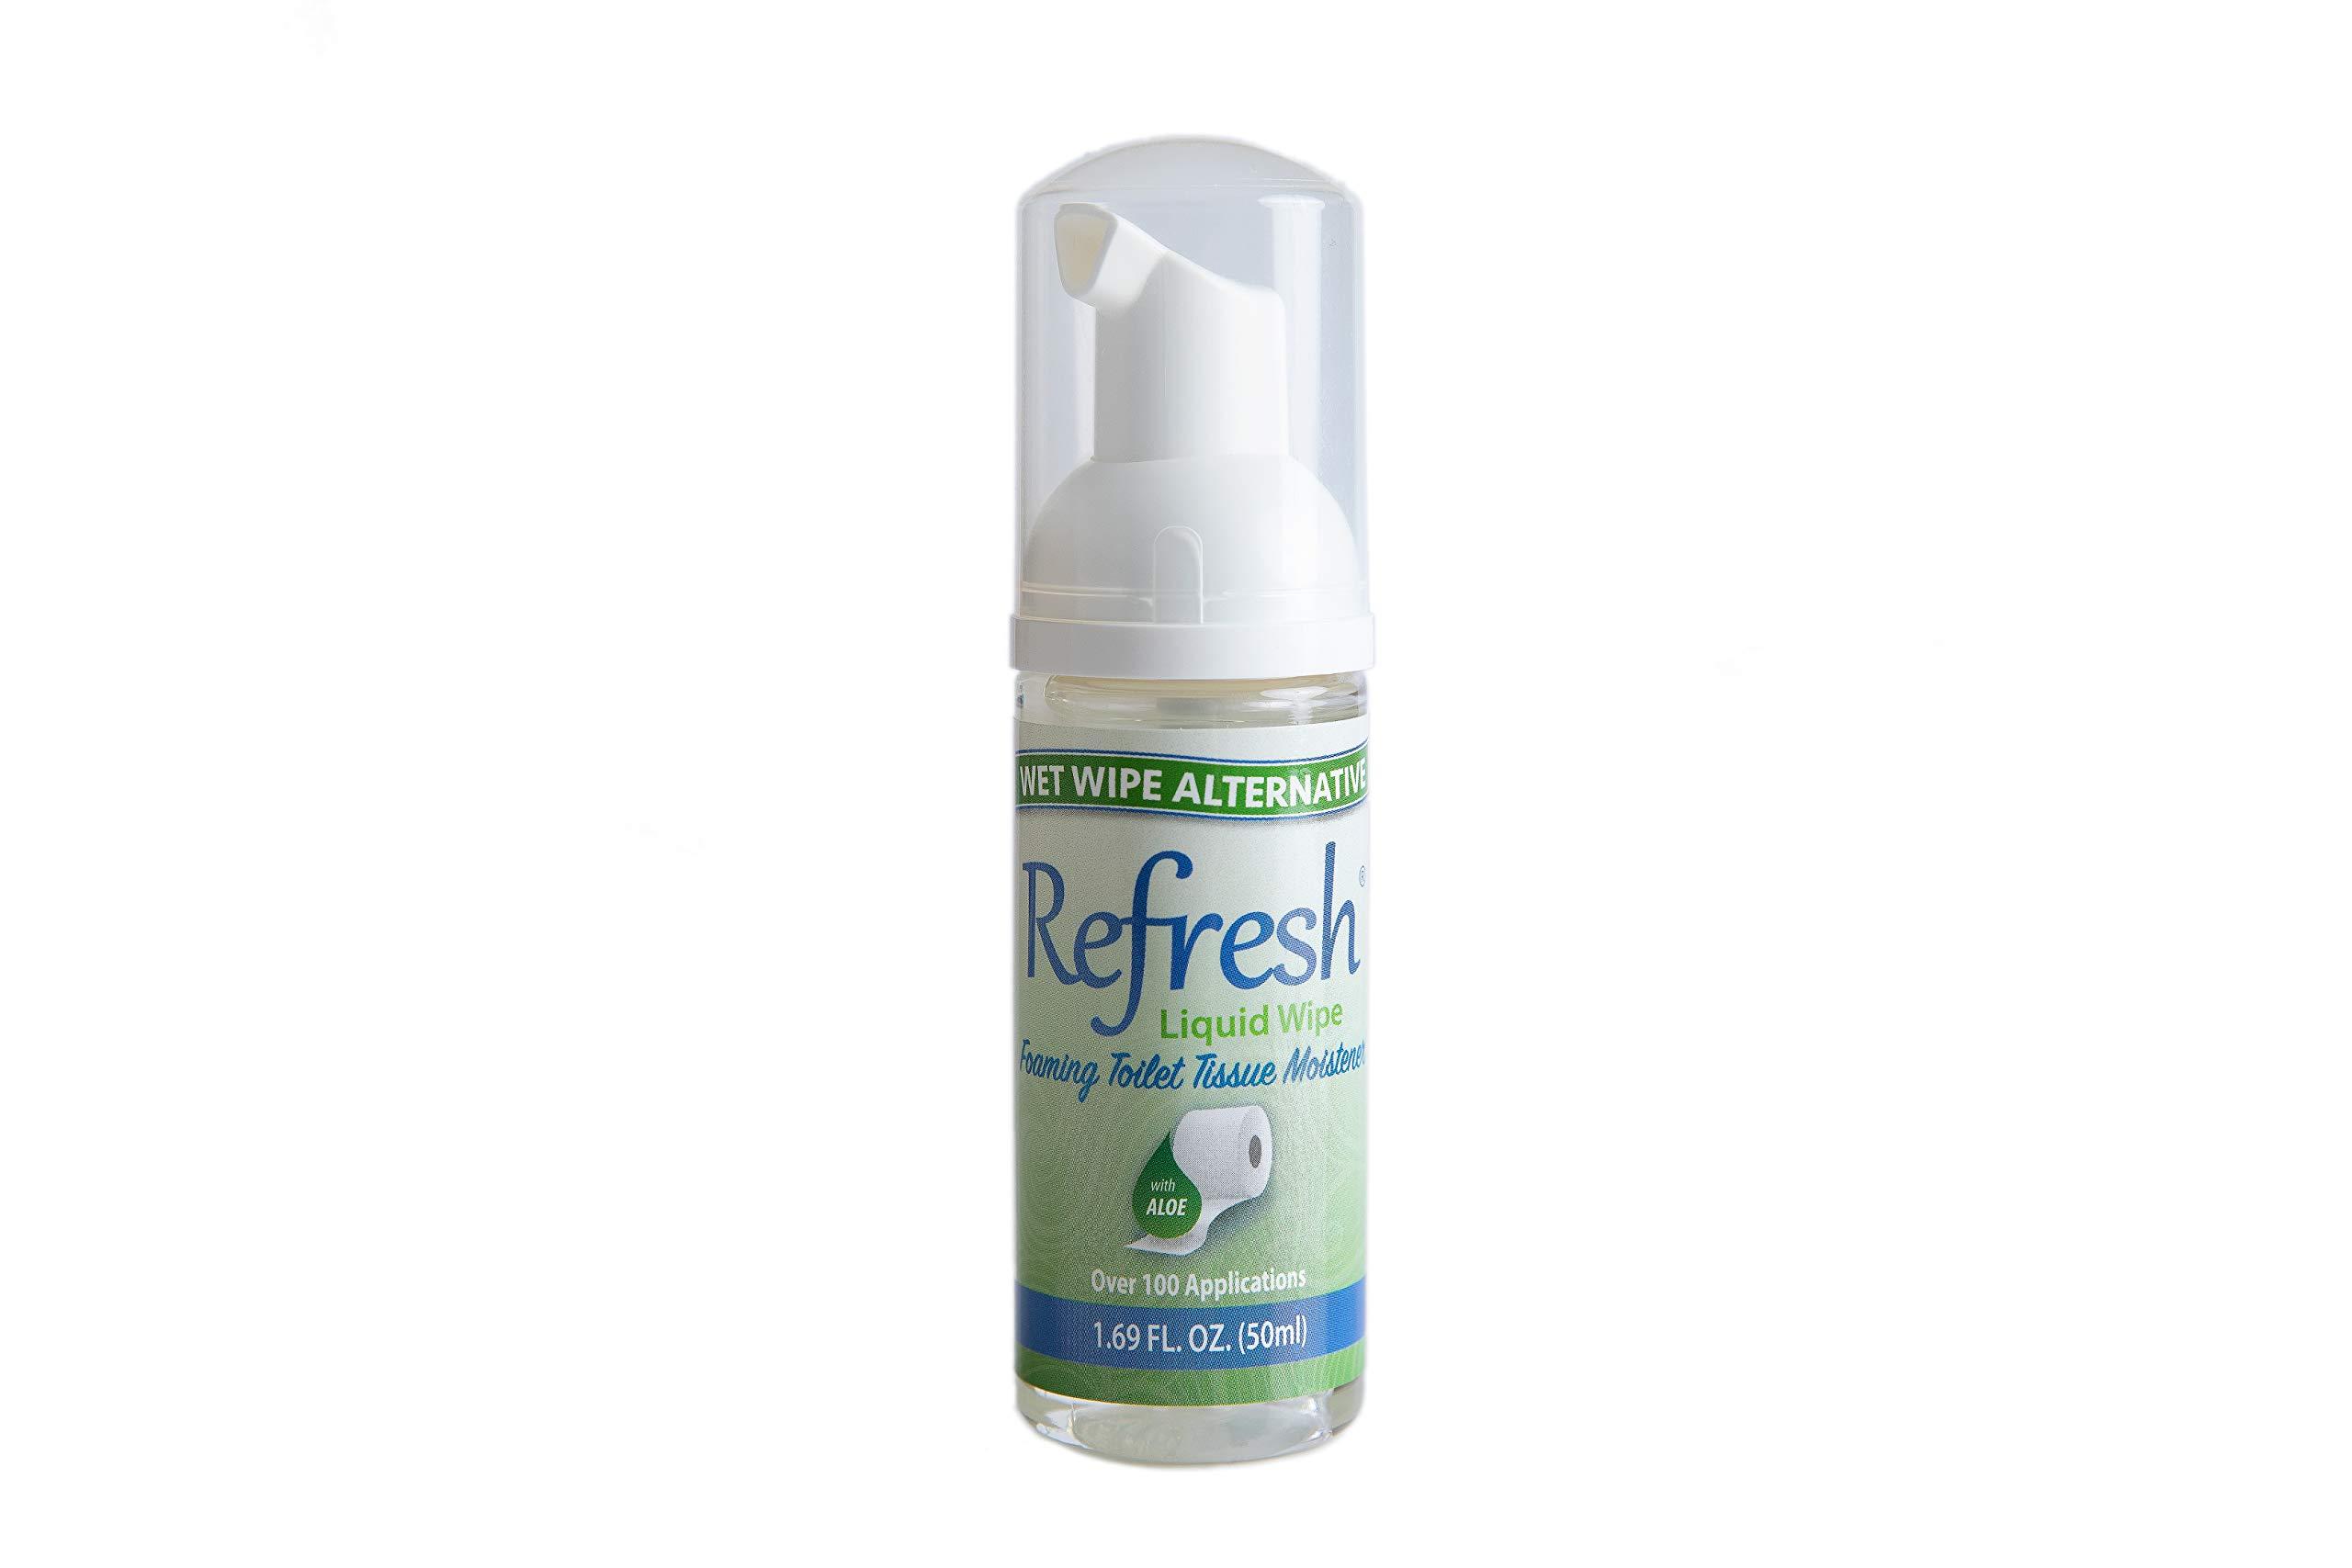 Refresh Liquid Wipe - Wet Wipe Alternative - Toilet Tissue Moistener Foam 50ml (1 Pack). Works on Any Toilet Tissue for a Custom Wipe!